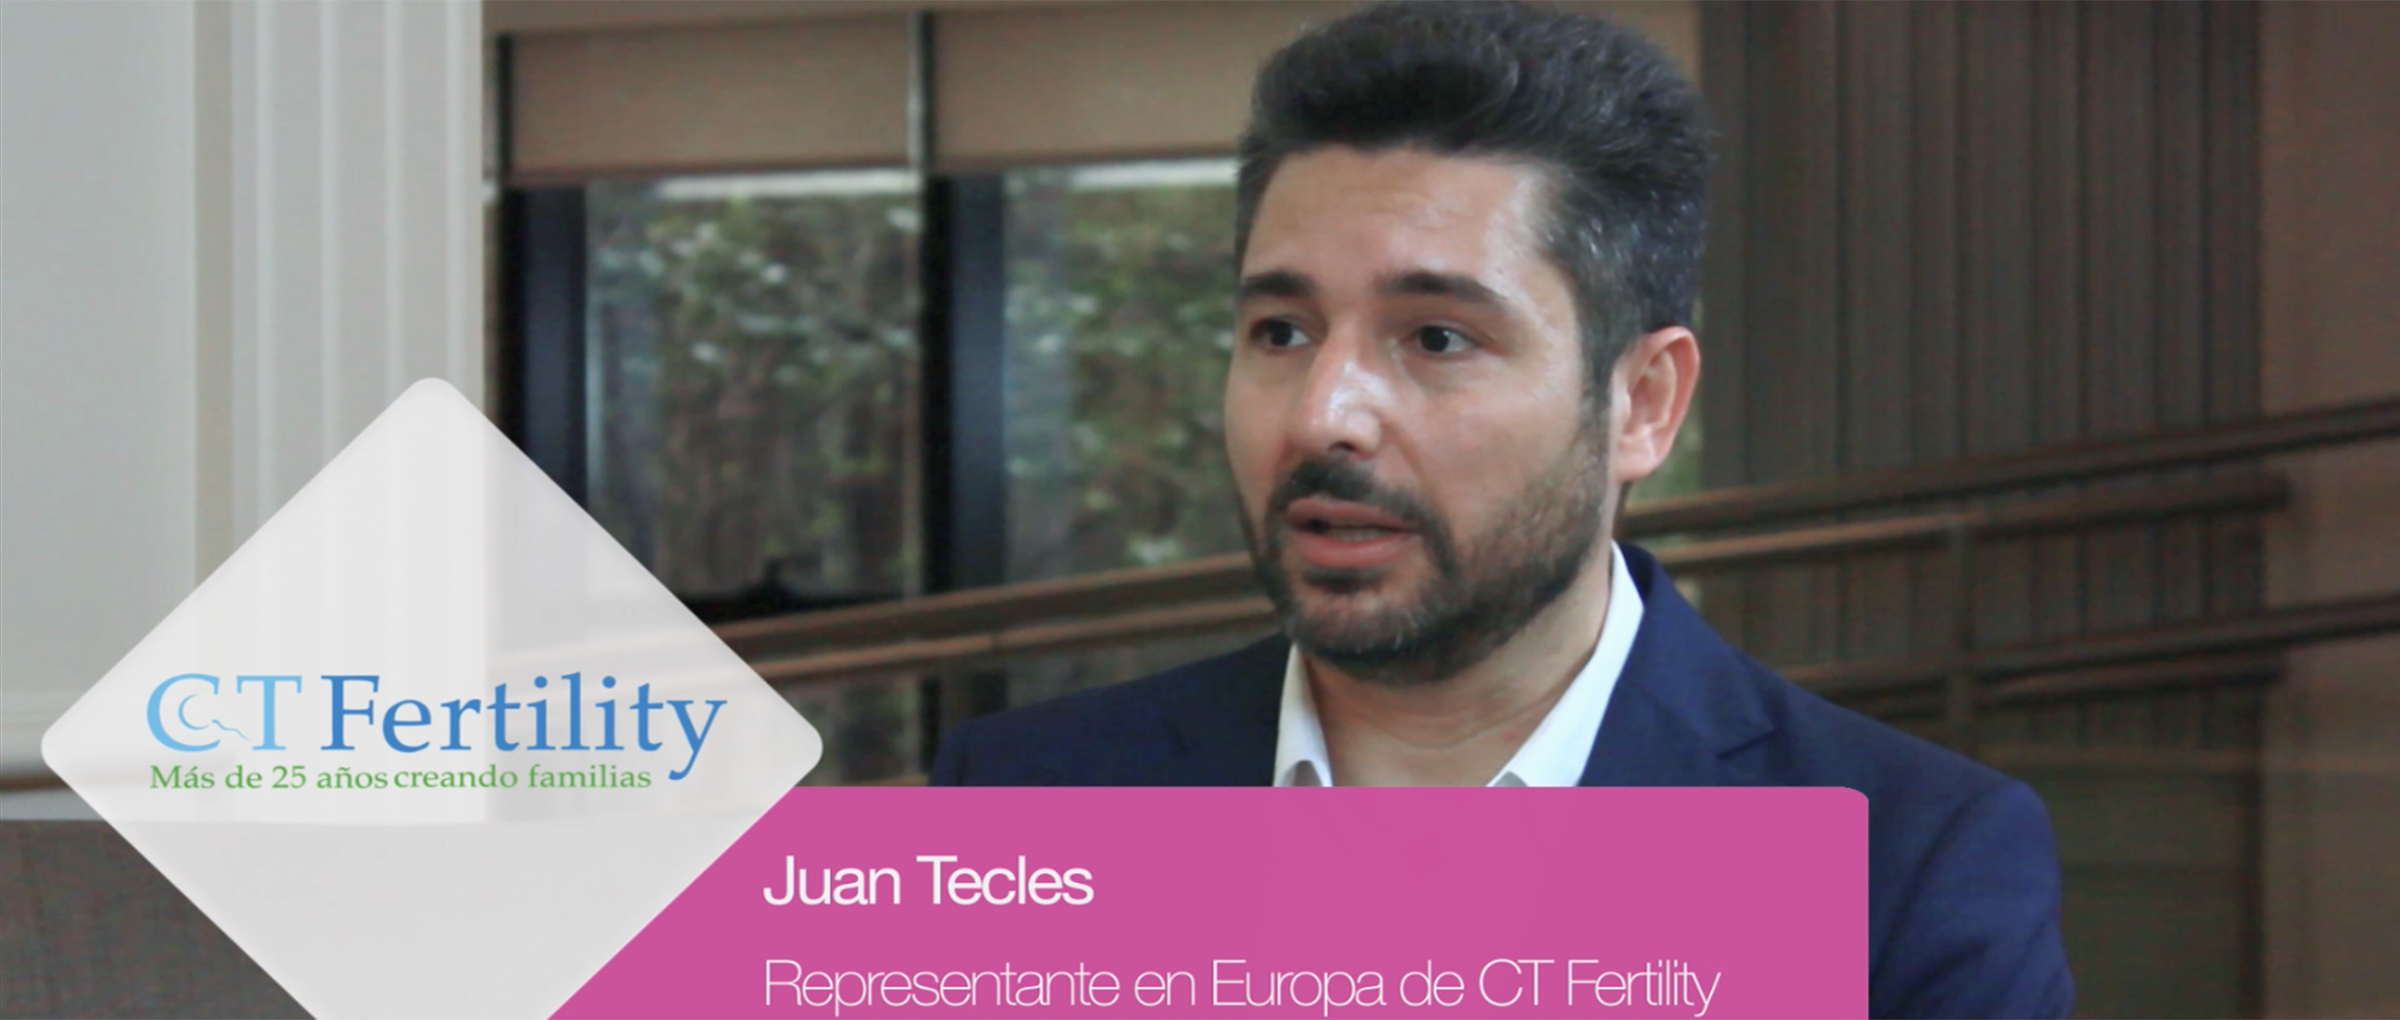 La clínica CT Fertility reponde a las dudas sobre gestación subrogada en Estados Unidos